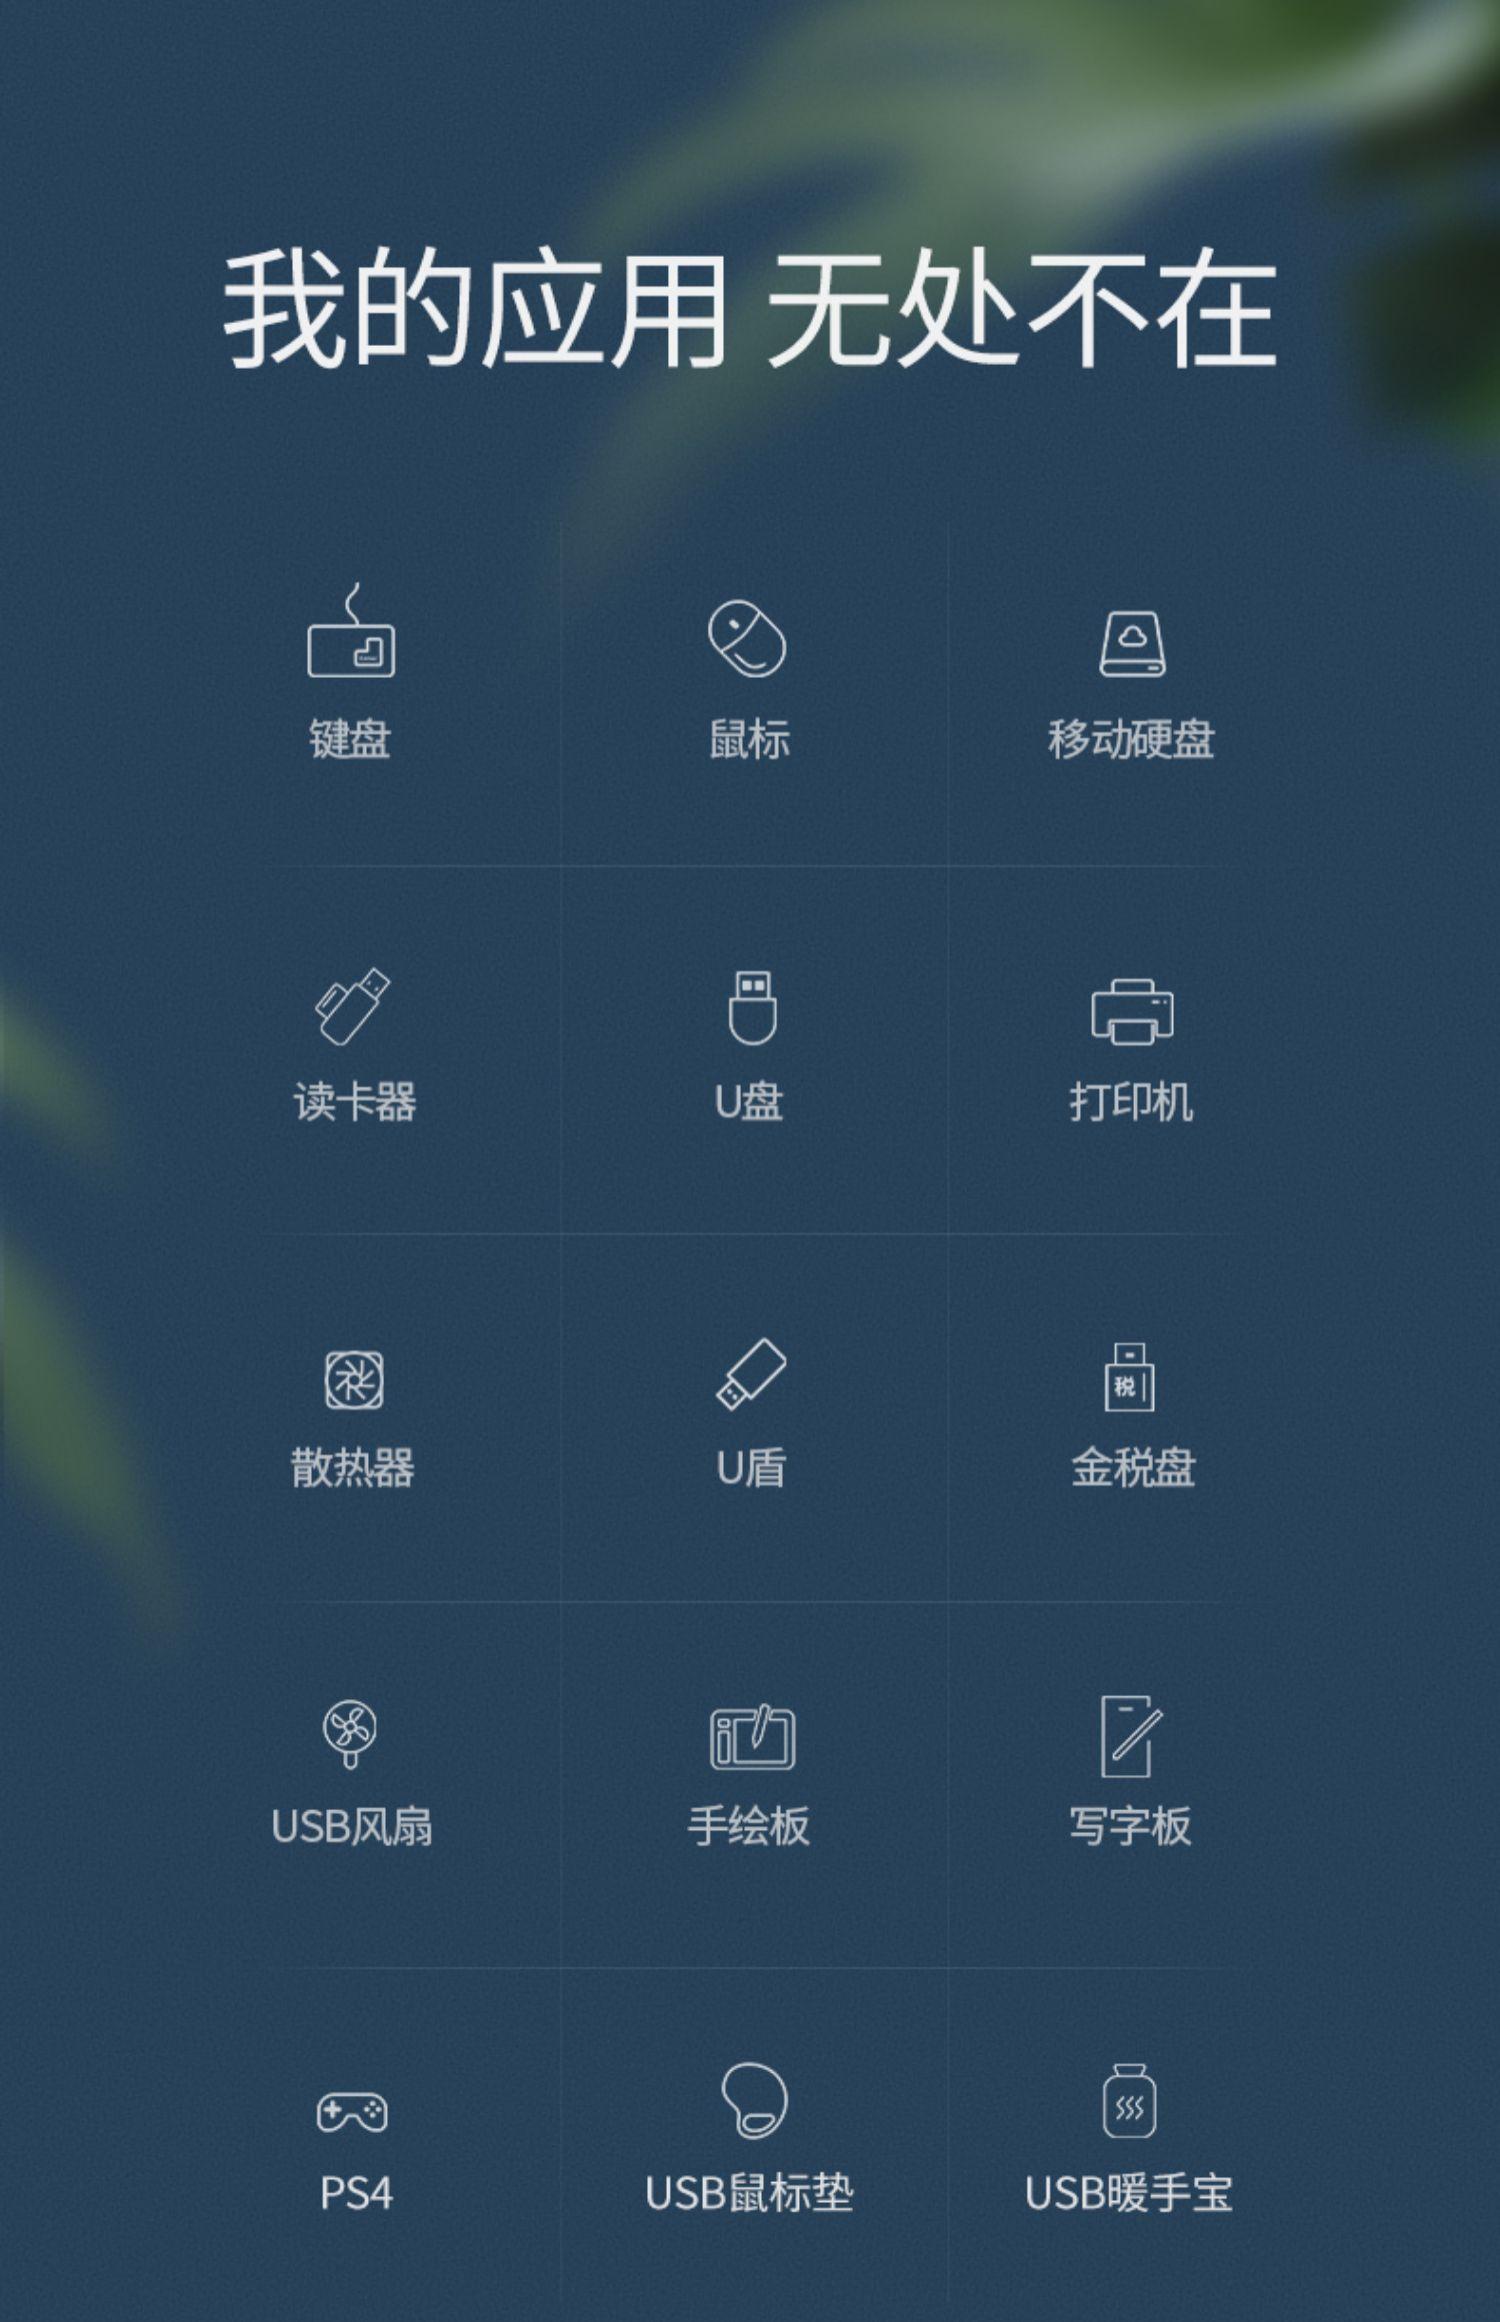 绿联usb3.0扩展器2.0分线器多接口一拖四插口u盘外接带供电口hub集线器通用苹果华为小米笔记本台式机电脑商品详情图